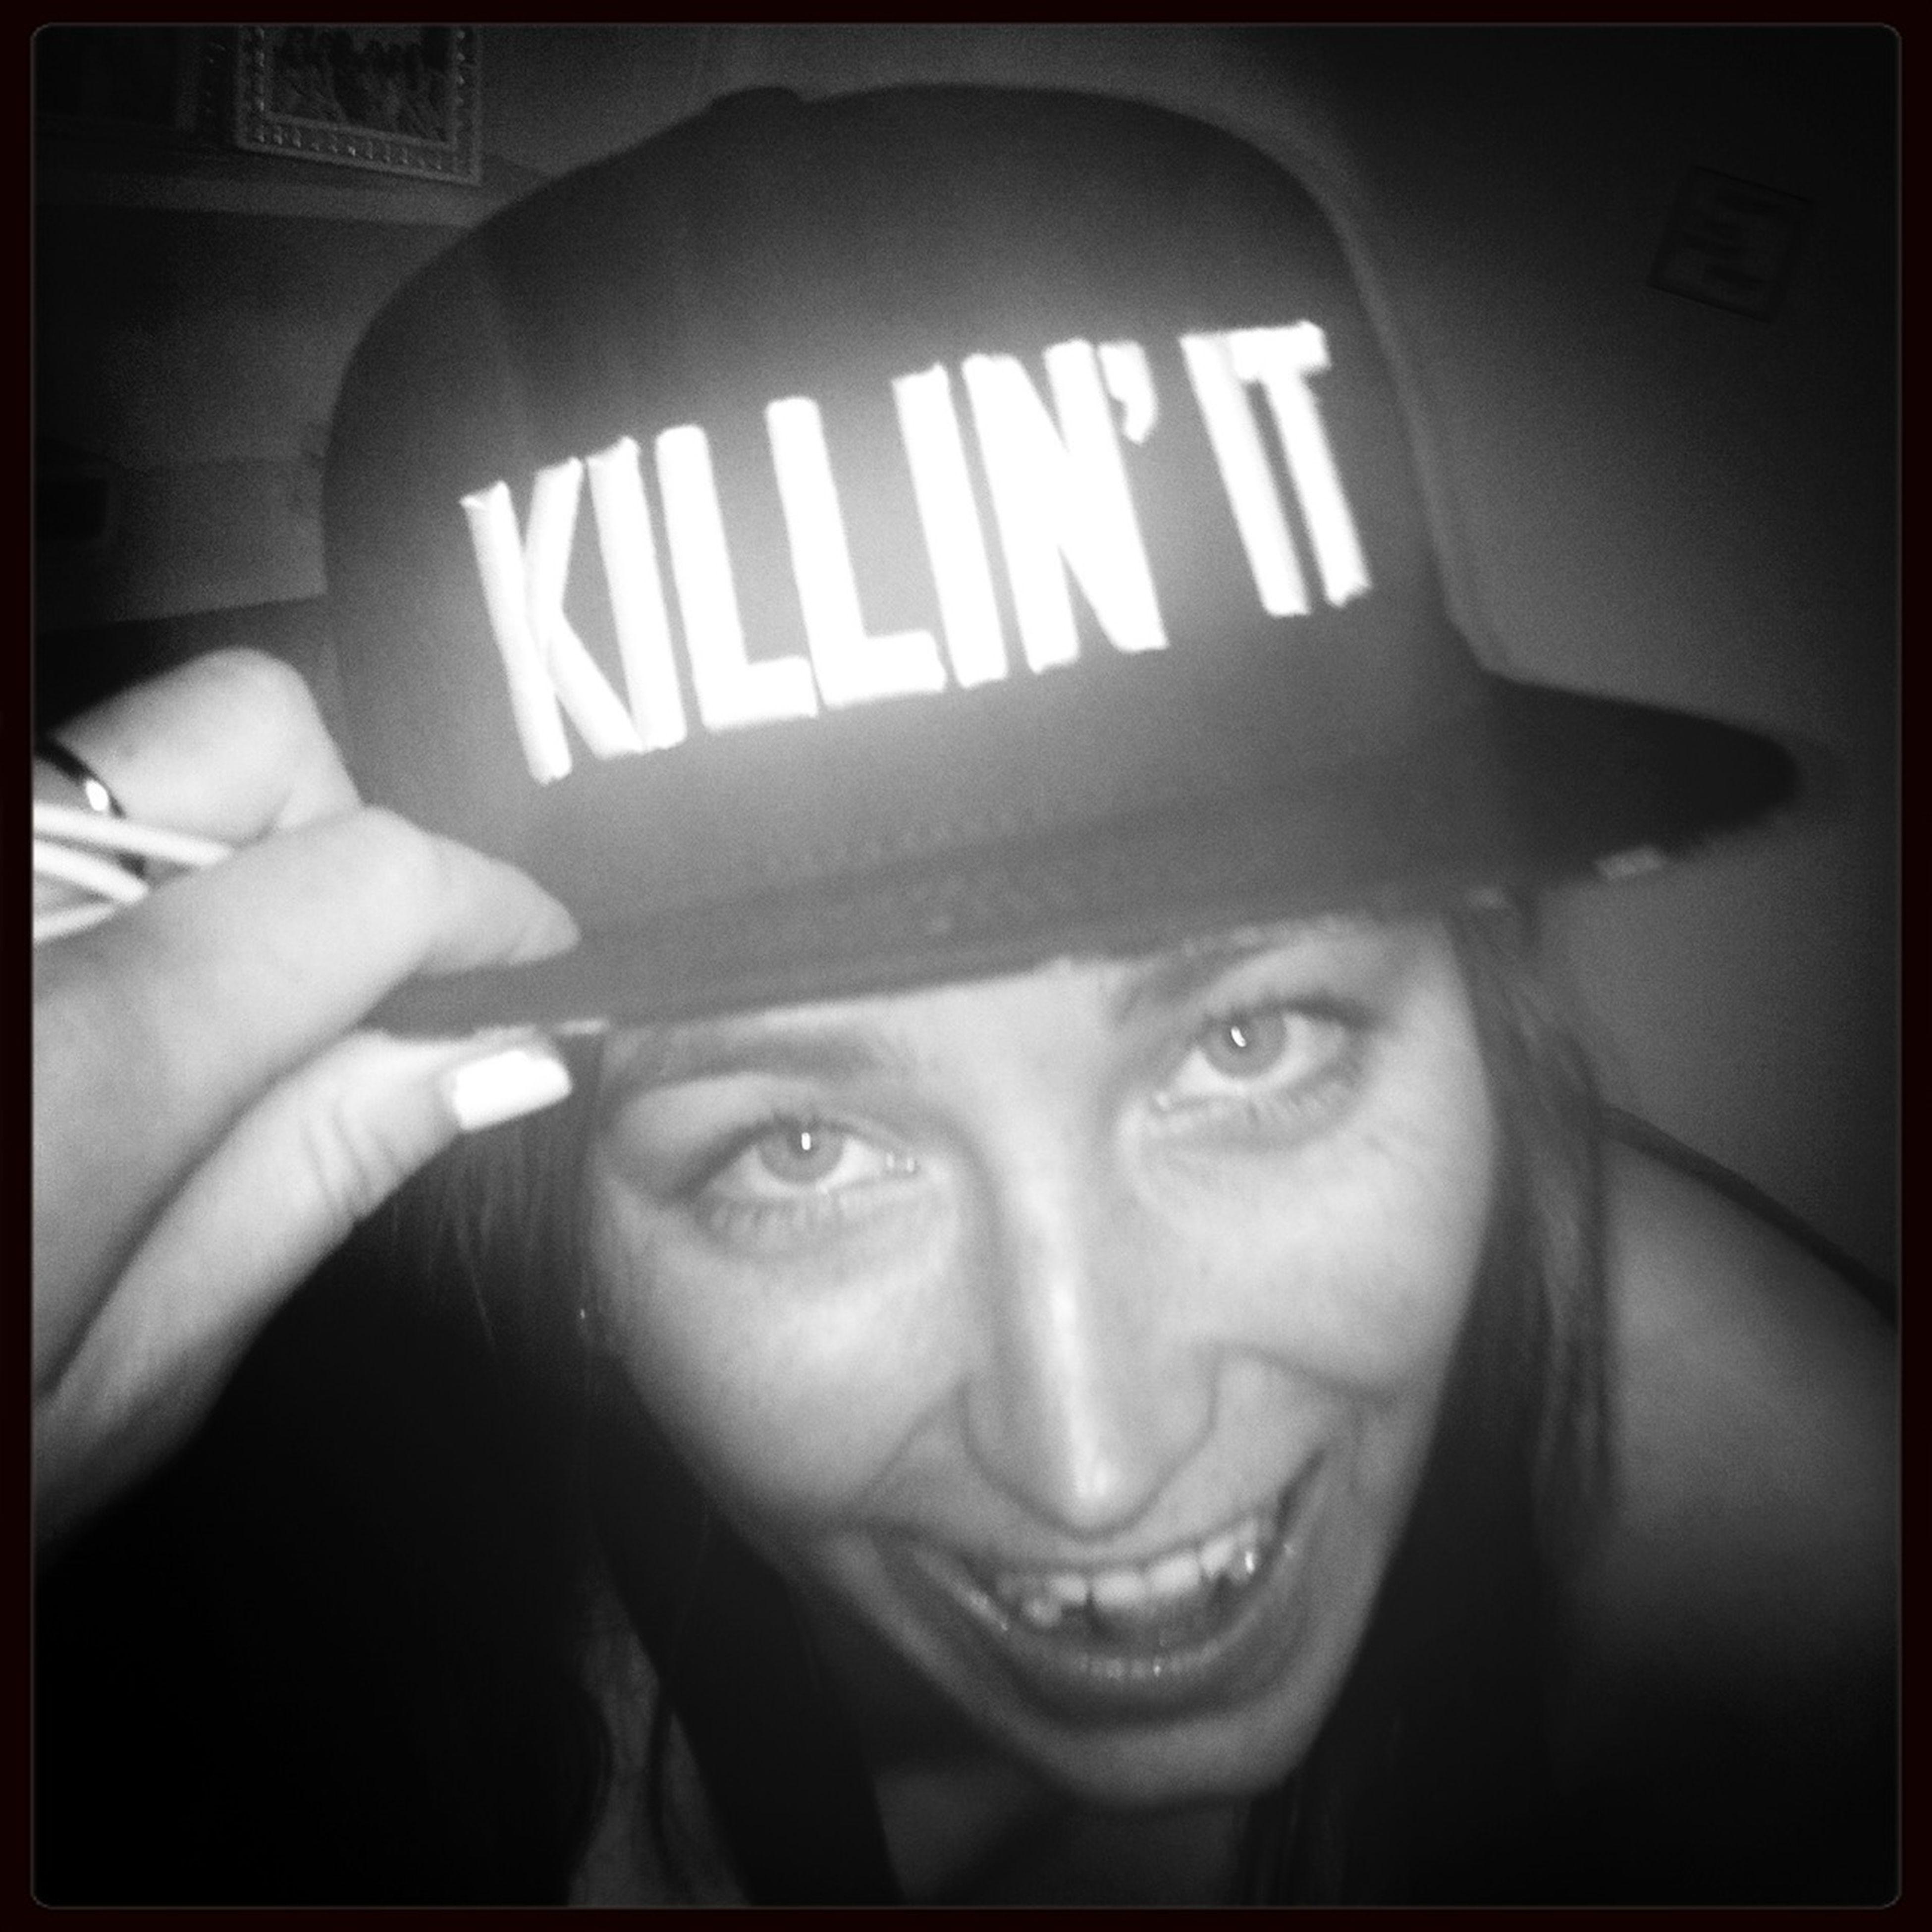 Killer's Killin' It